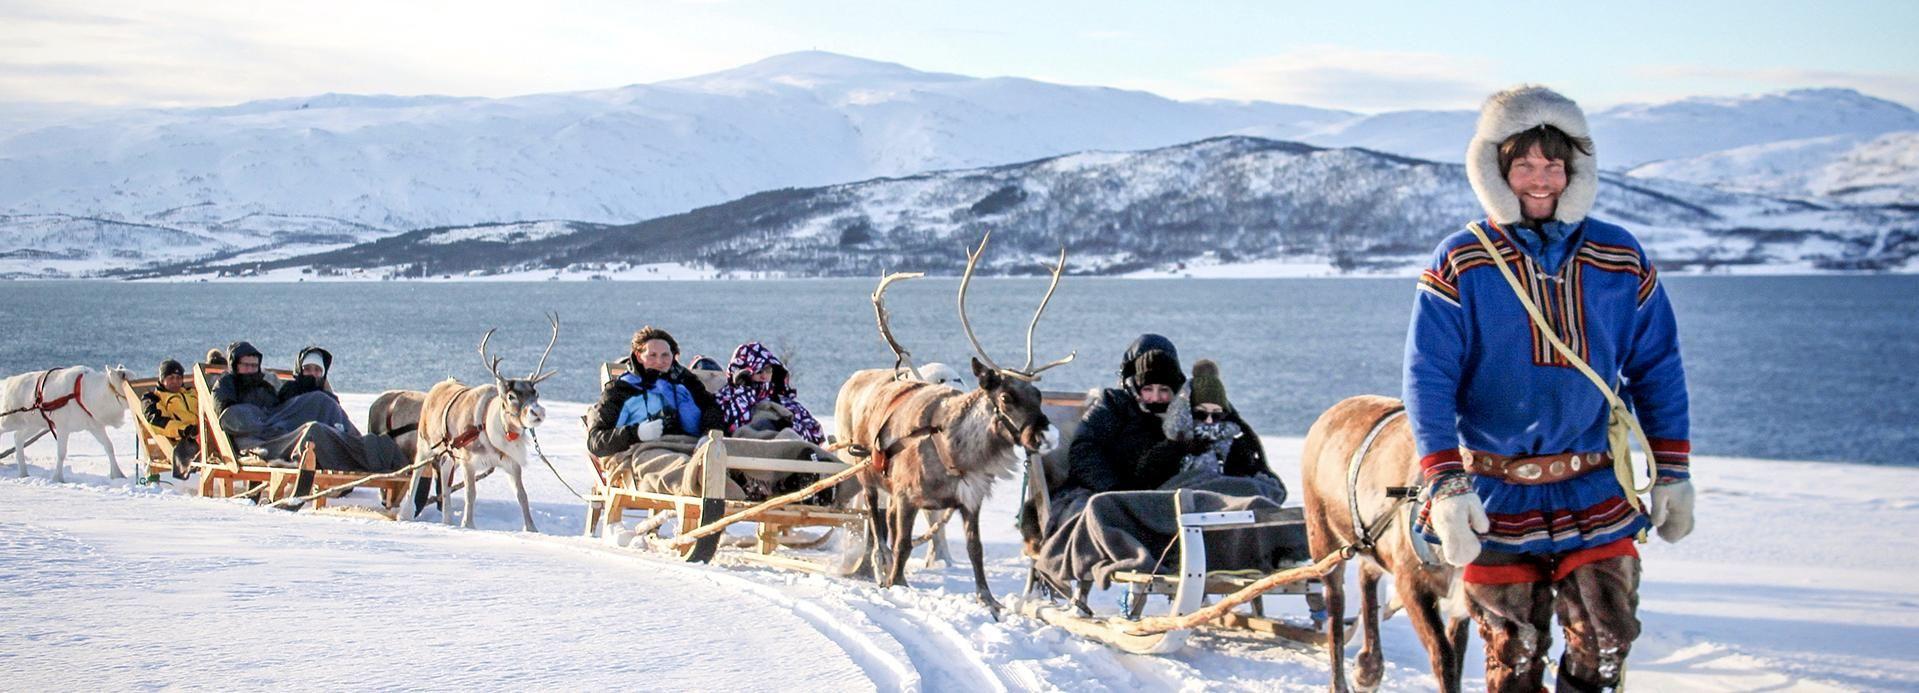 Tromsø: Sleerijden & rendieren voederen met een Sami gids